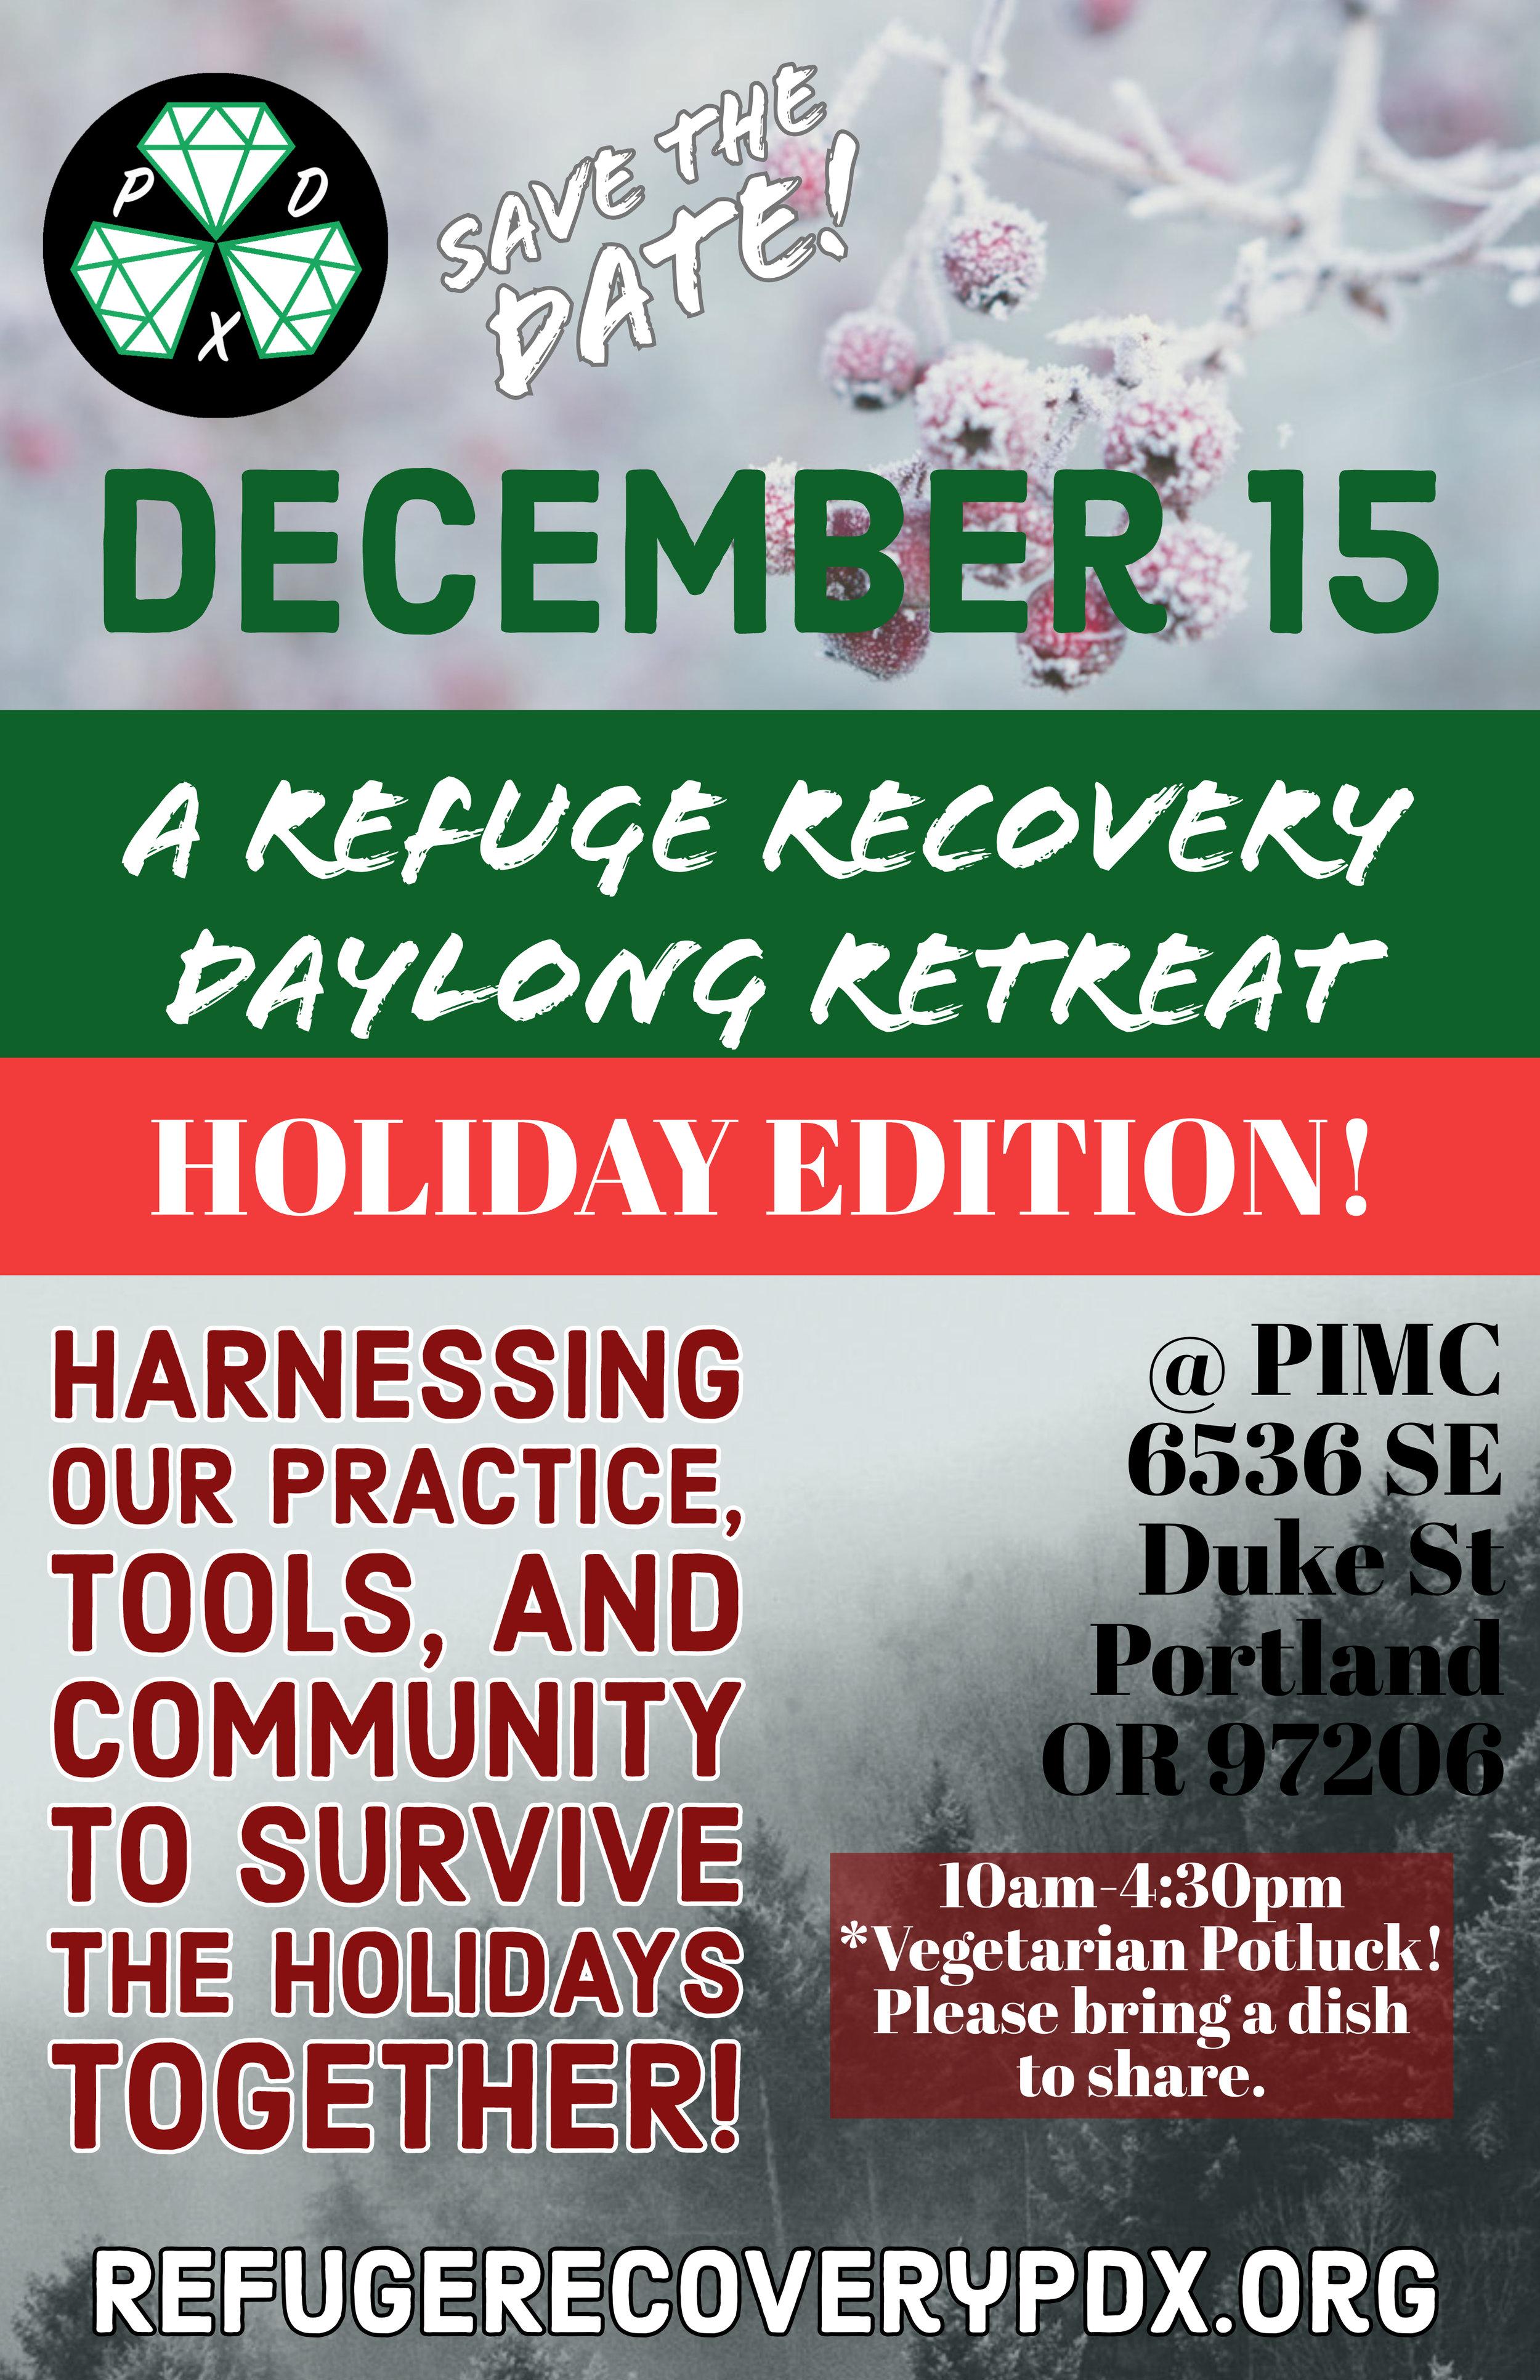 December 15 Retreat Flyer.jpg